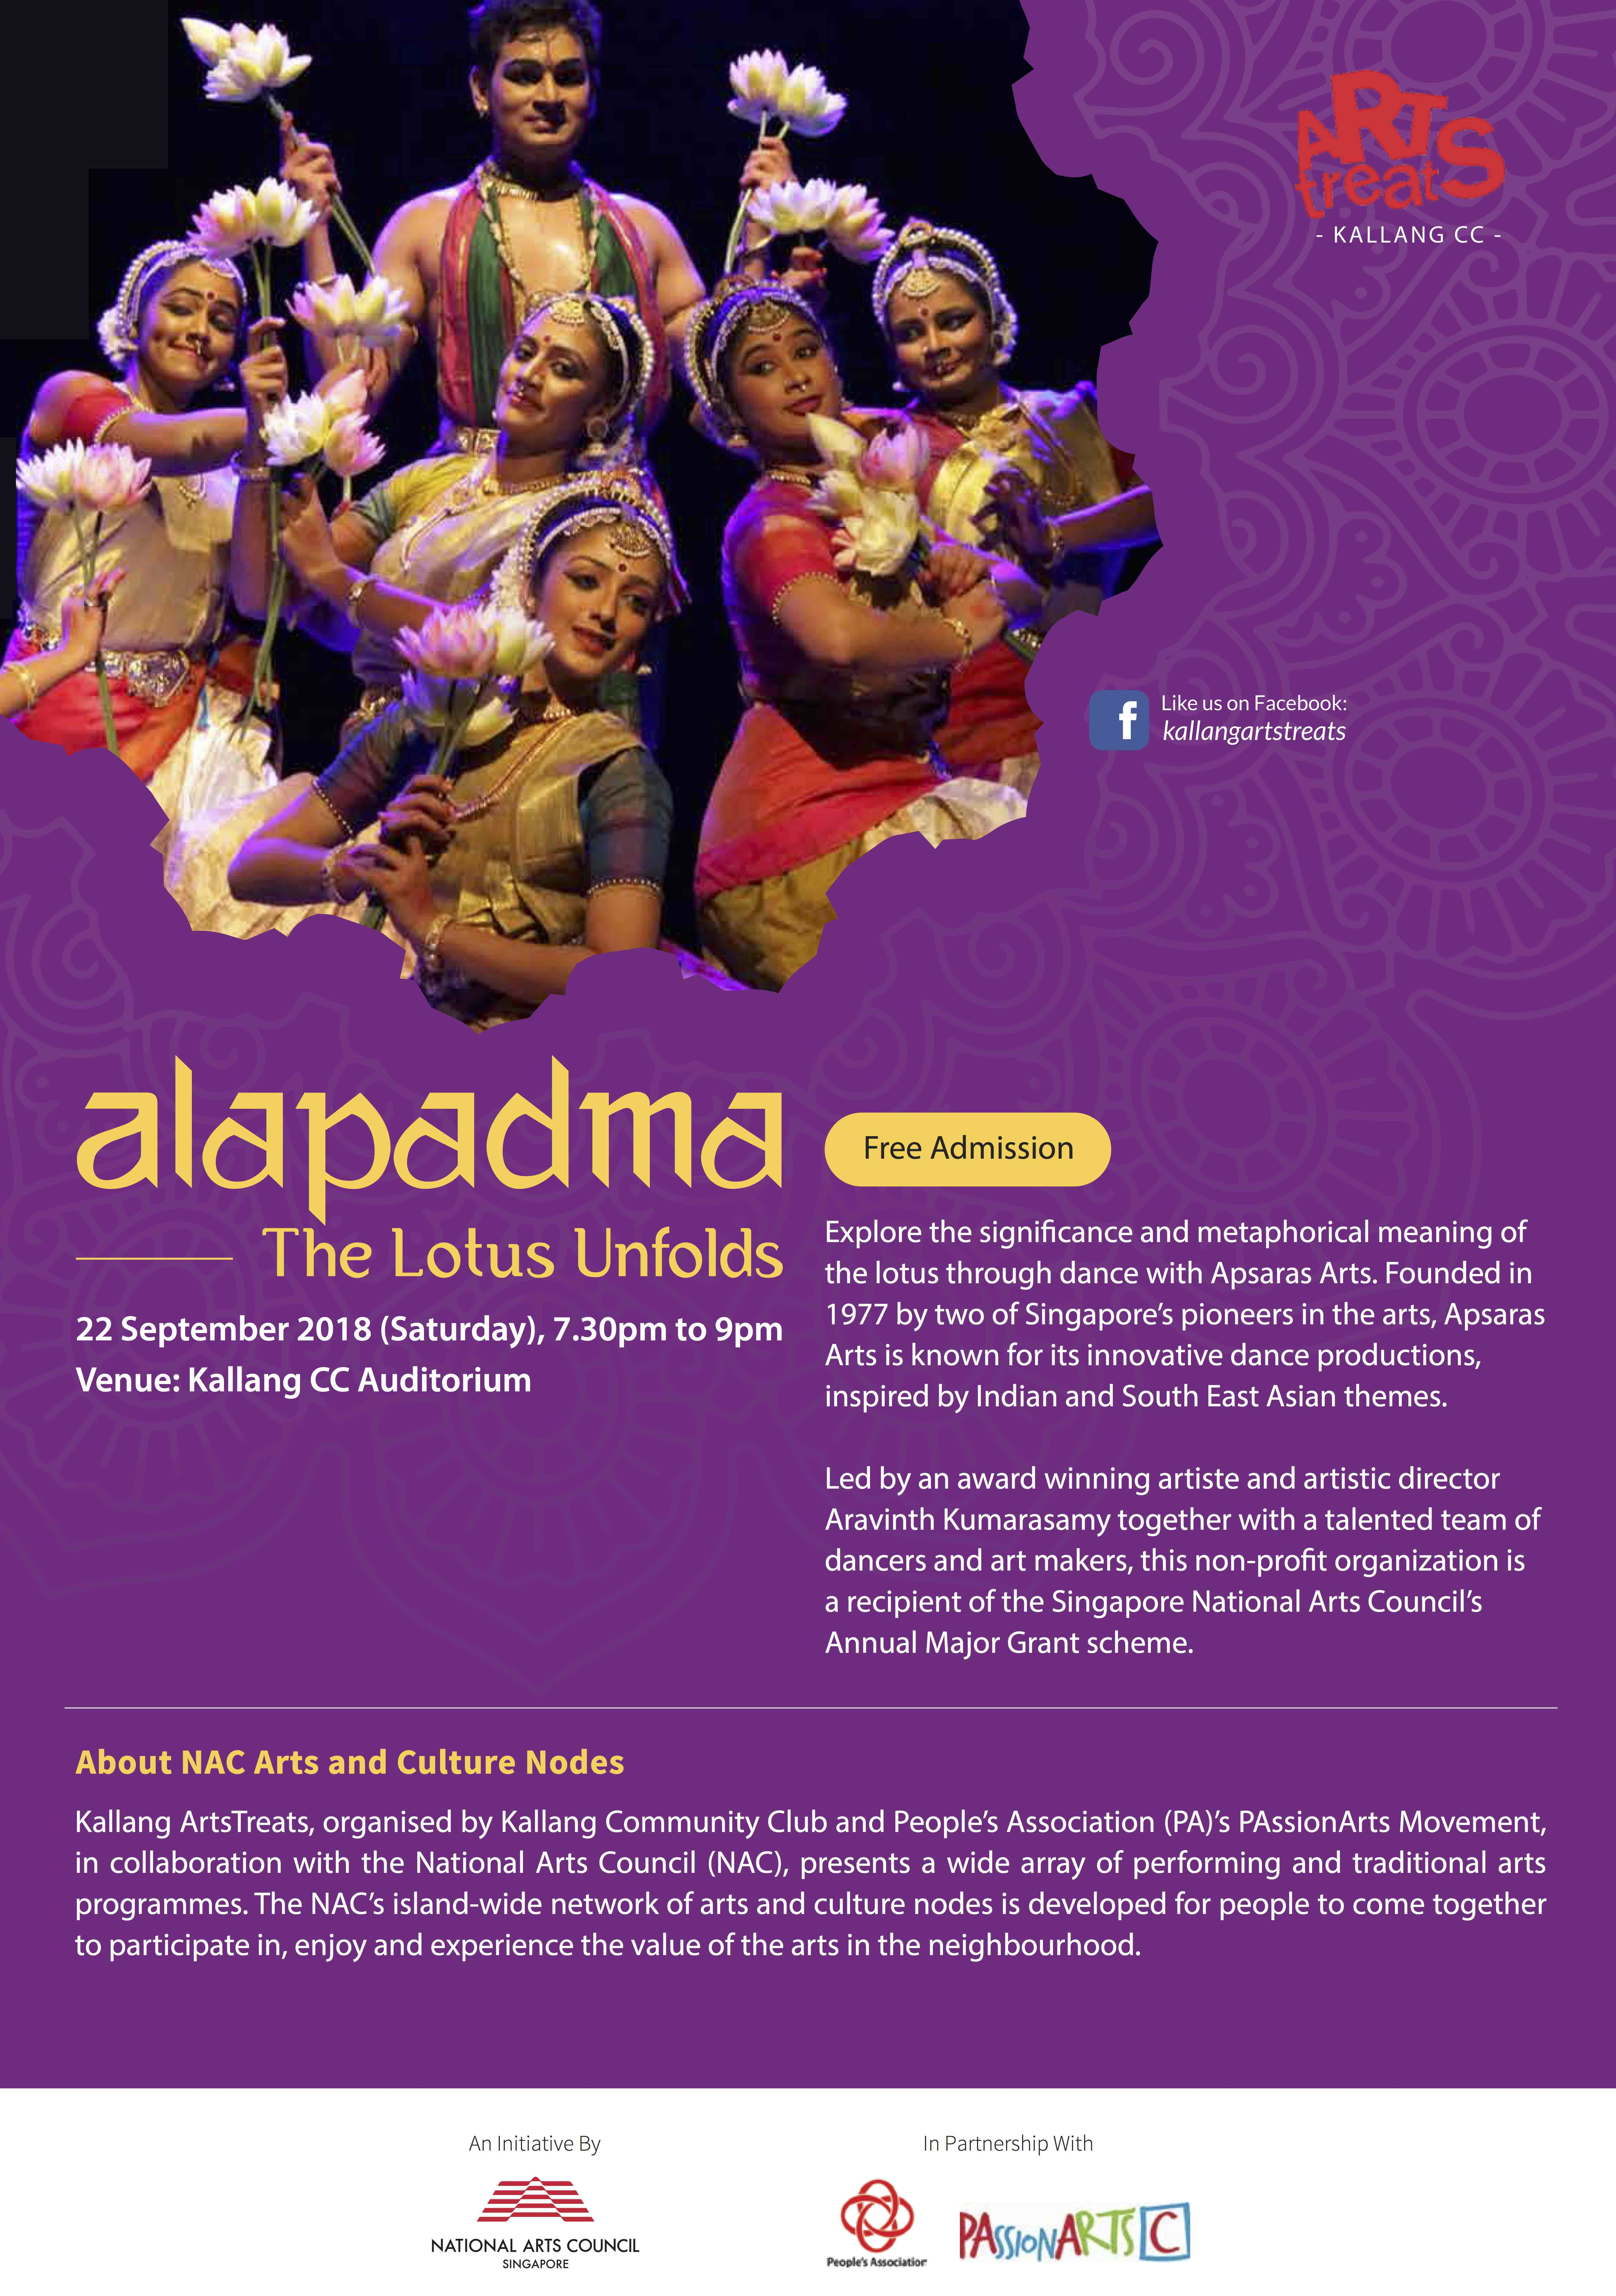 Alapadma – The Lotus Unfolds